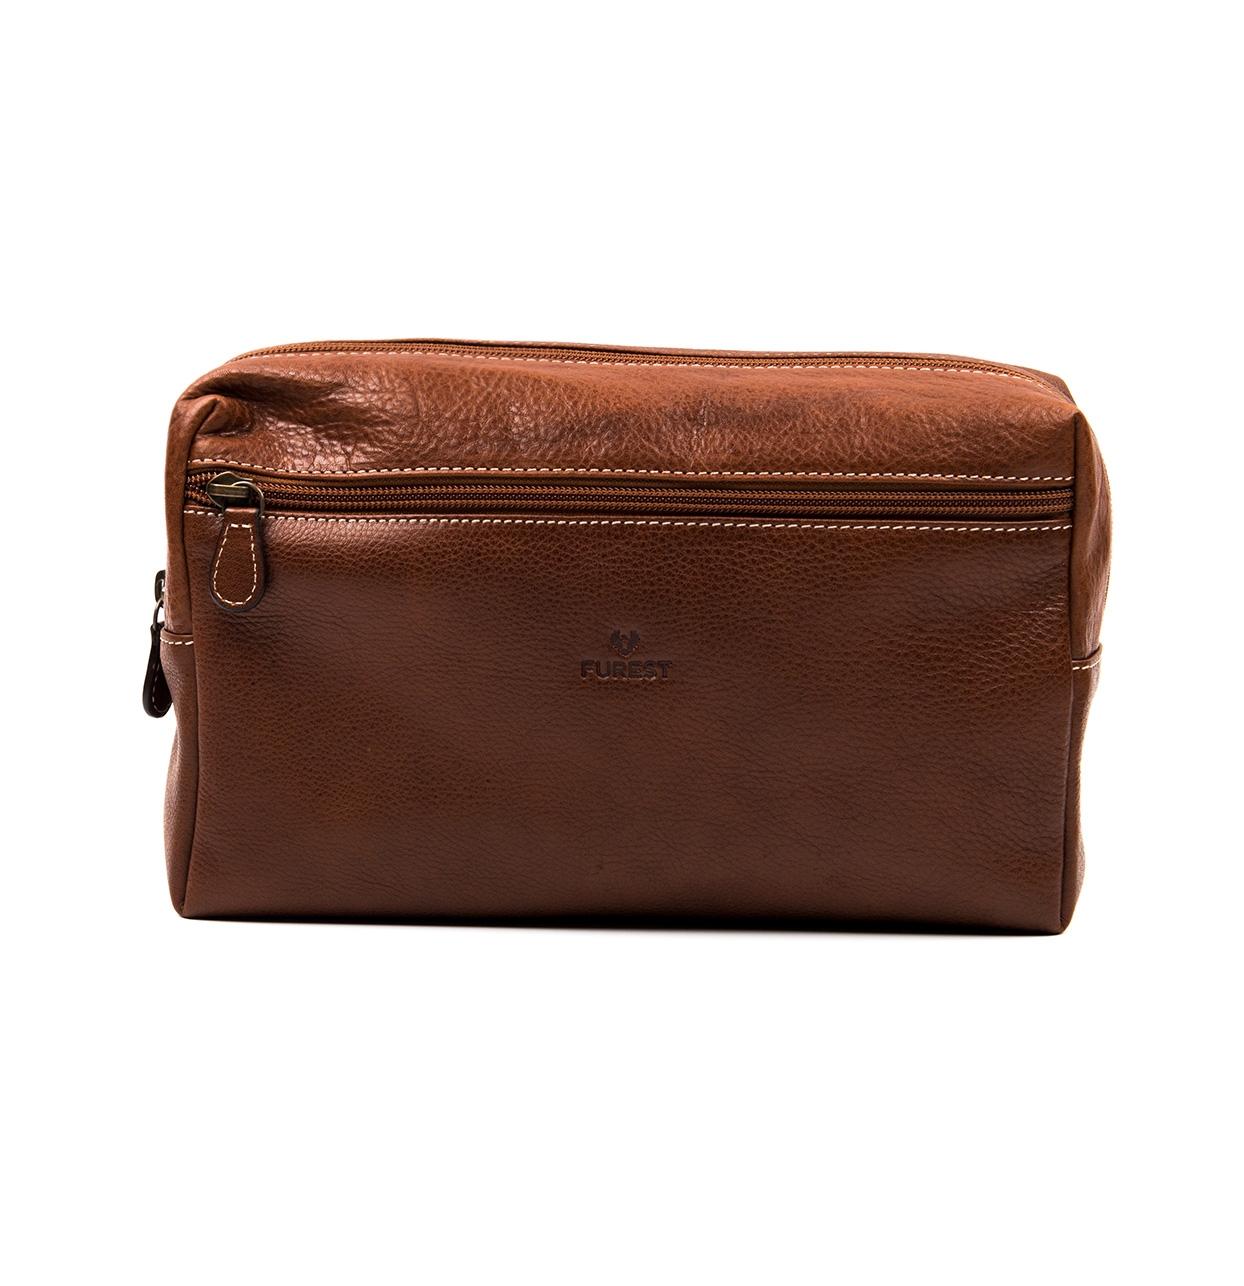 Neceser de piel color marrón natural, modelo TRAVIATA